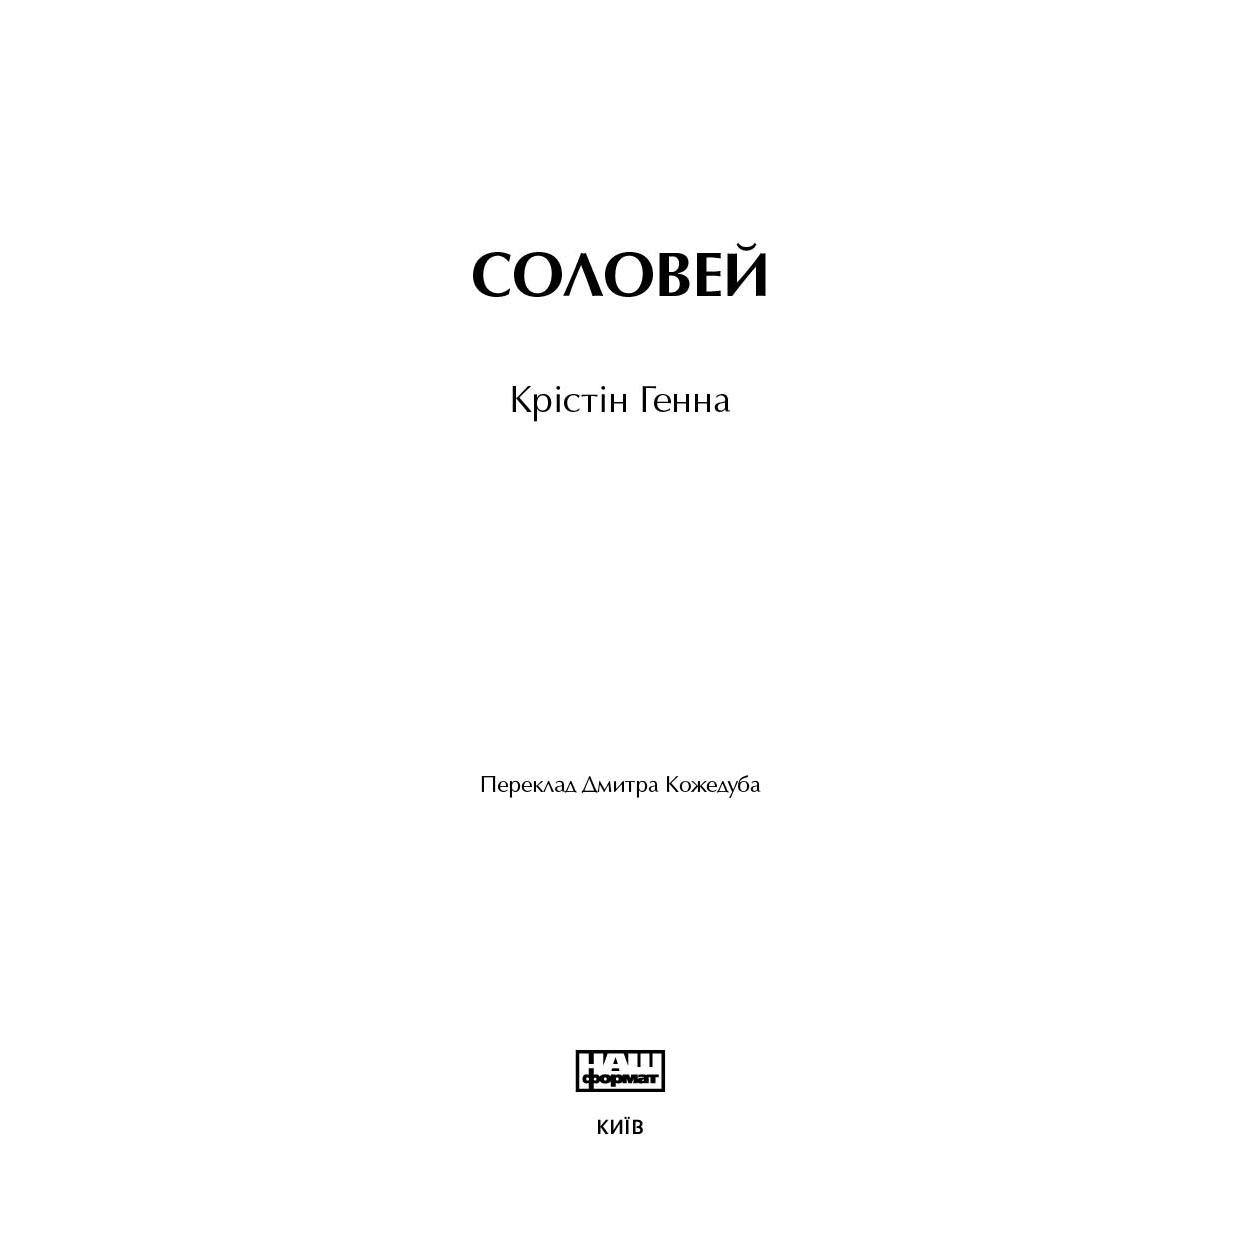 1 Книга Соловей, Крістін Генна | Bukio